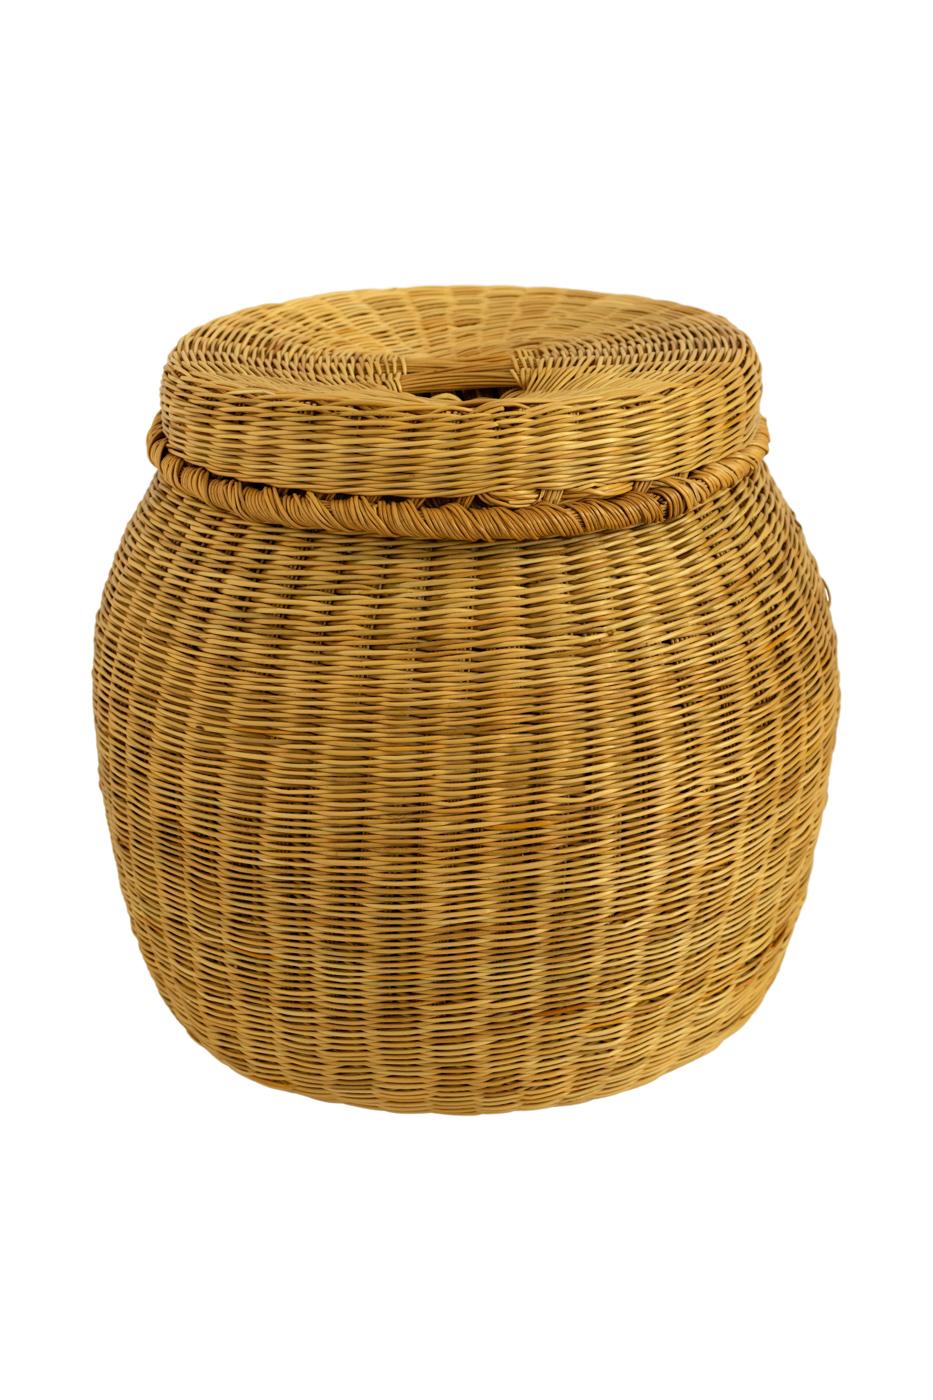 Decorative basket in esparto grass fibre